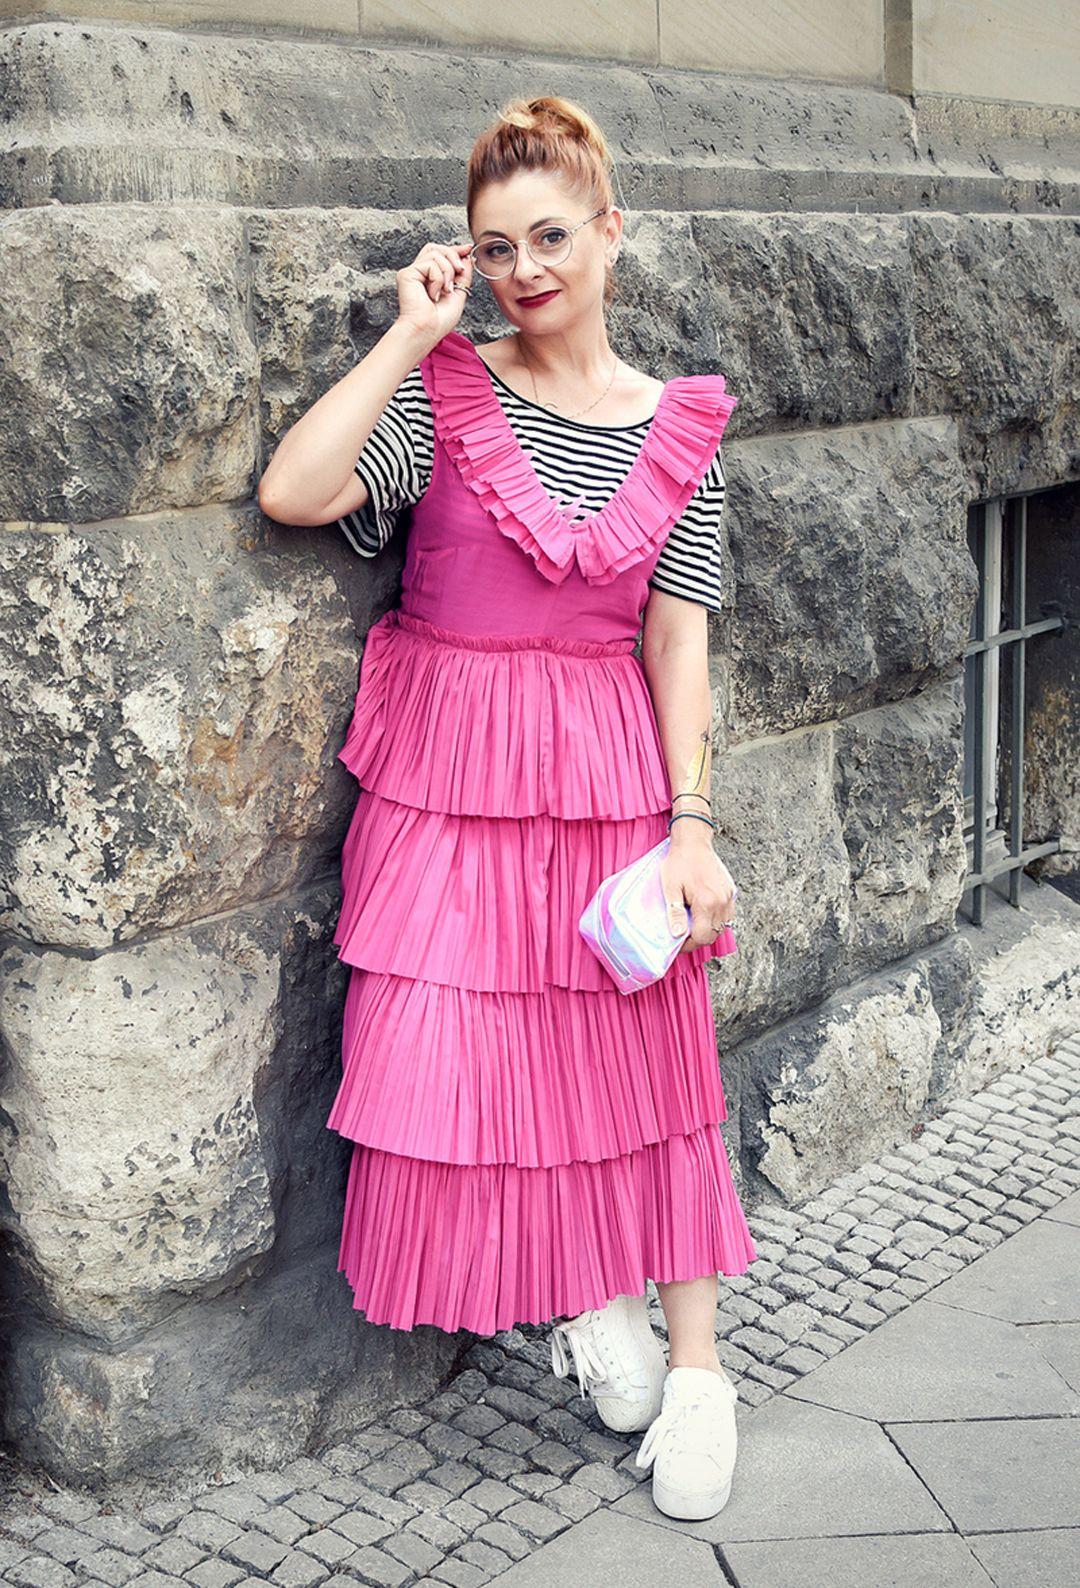 sommerkleid in pink und die schönsten volantkleider online